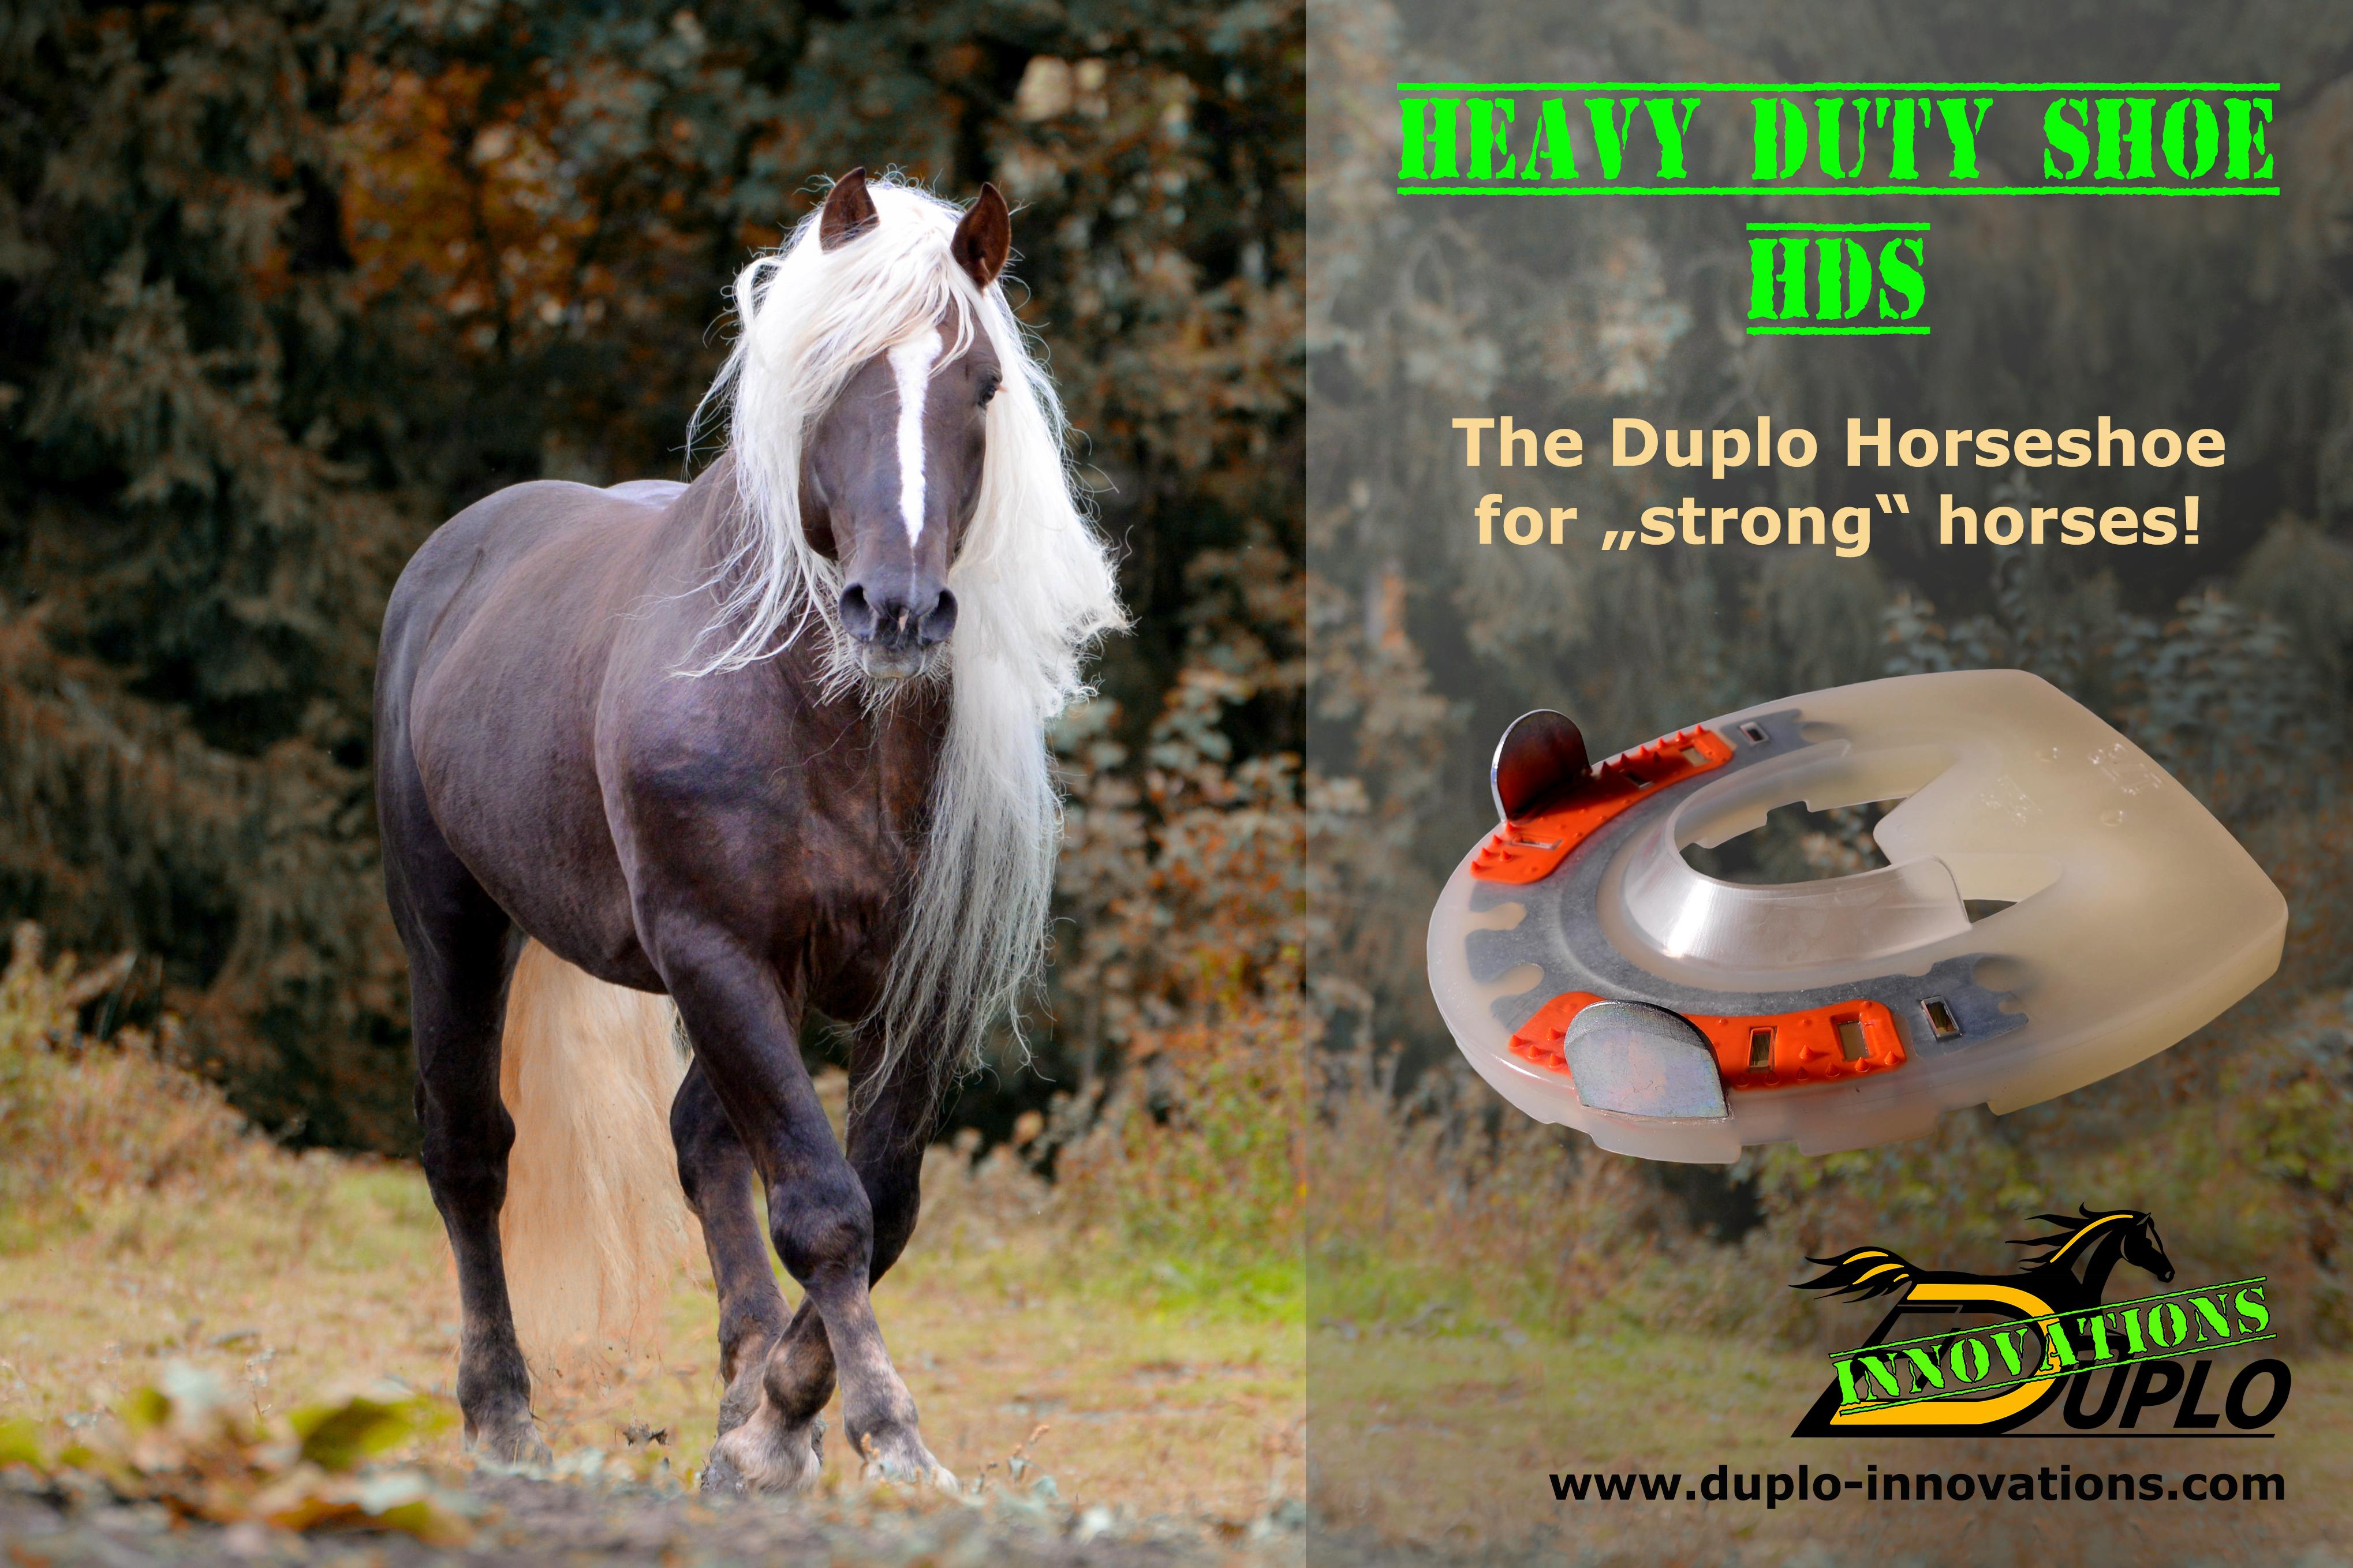 Heavy Duty Shoe